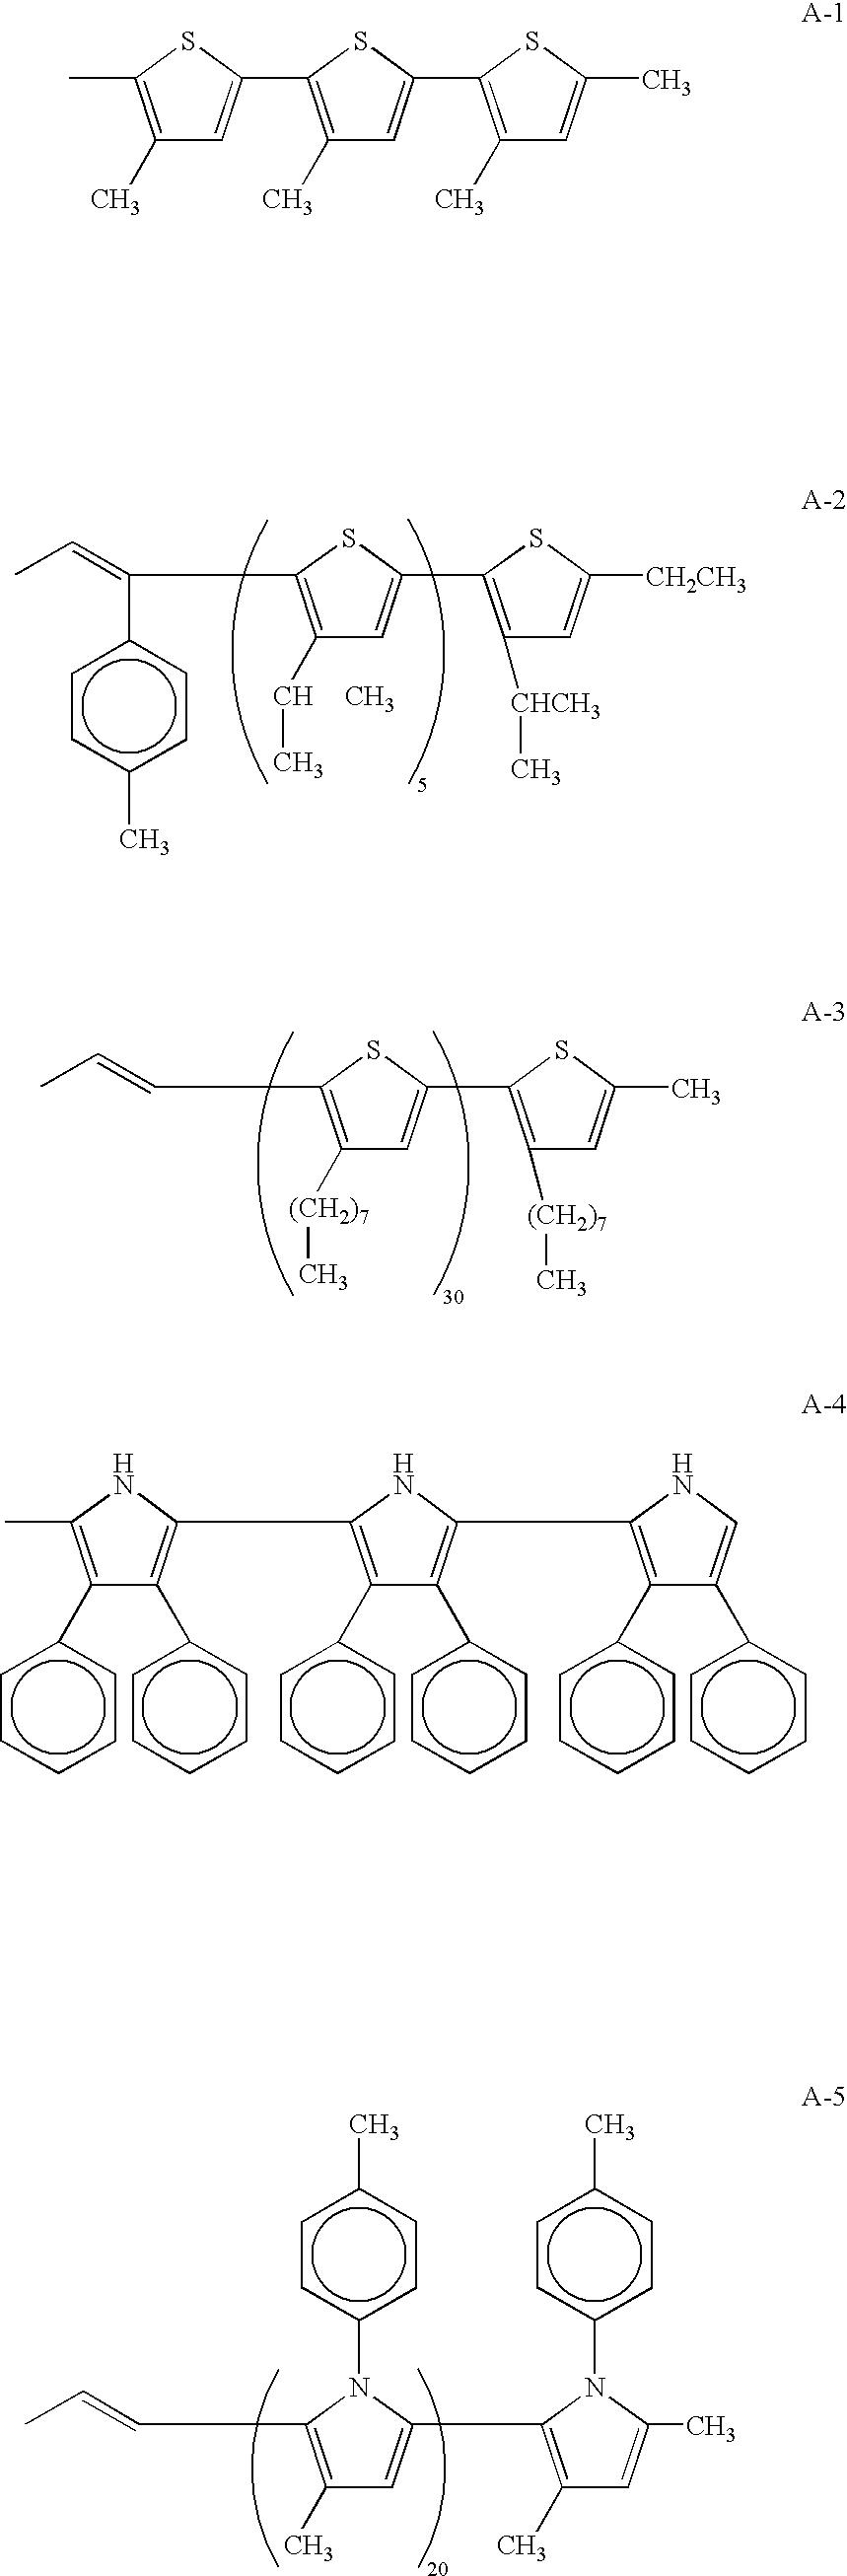 Figure US20030235713A1-20031225-C00007